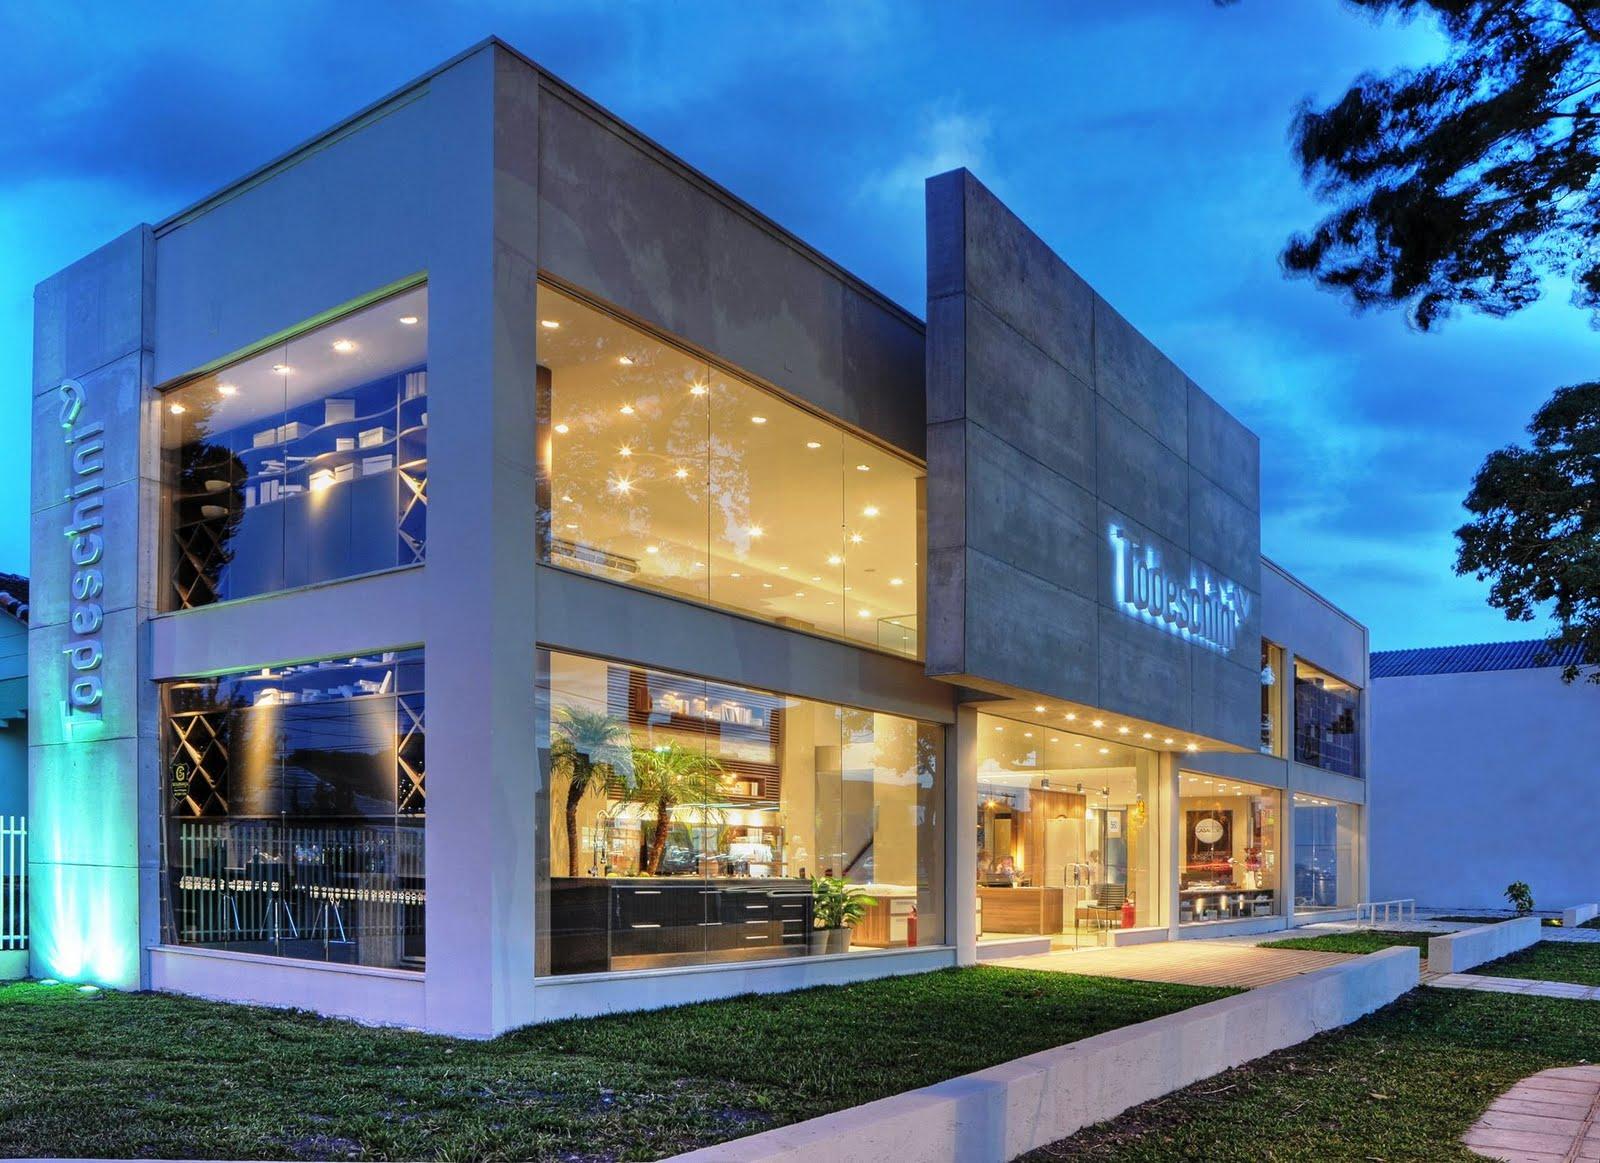 3b0411c4b Dentro do plano de expansão da Todeschini, a maior fabricante de móveis  planejados da América Latina, inaugura hoje dia 8 a nova loja Alto da XV,  ...